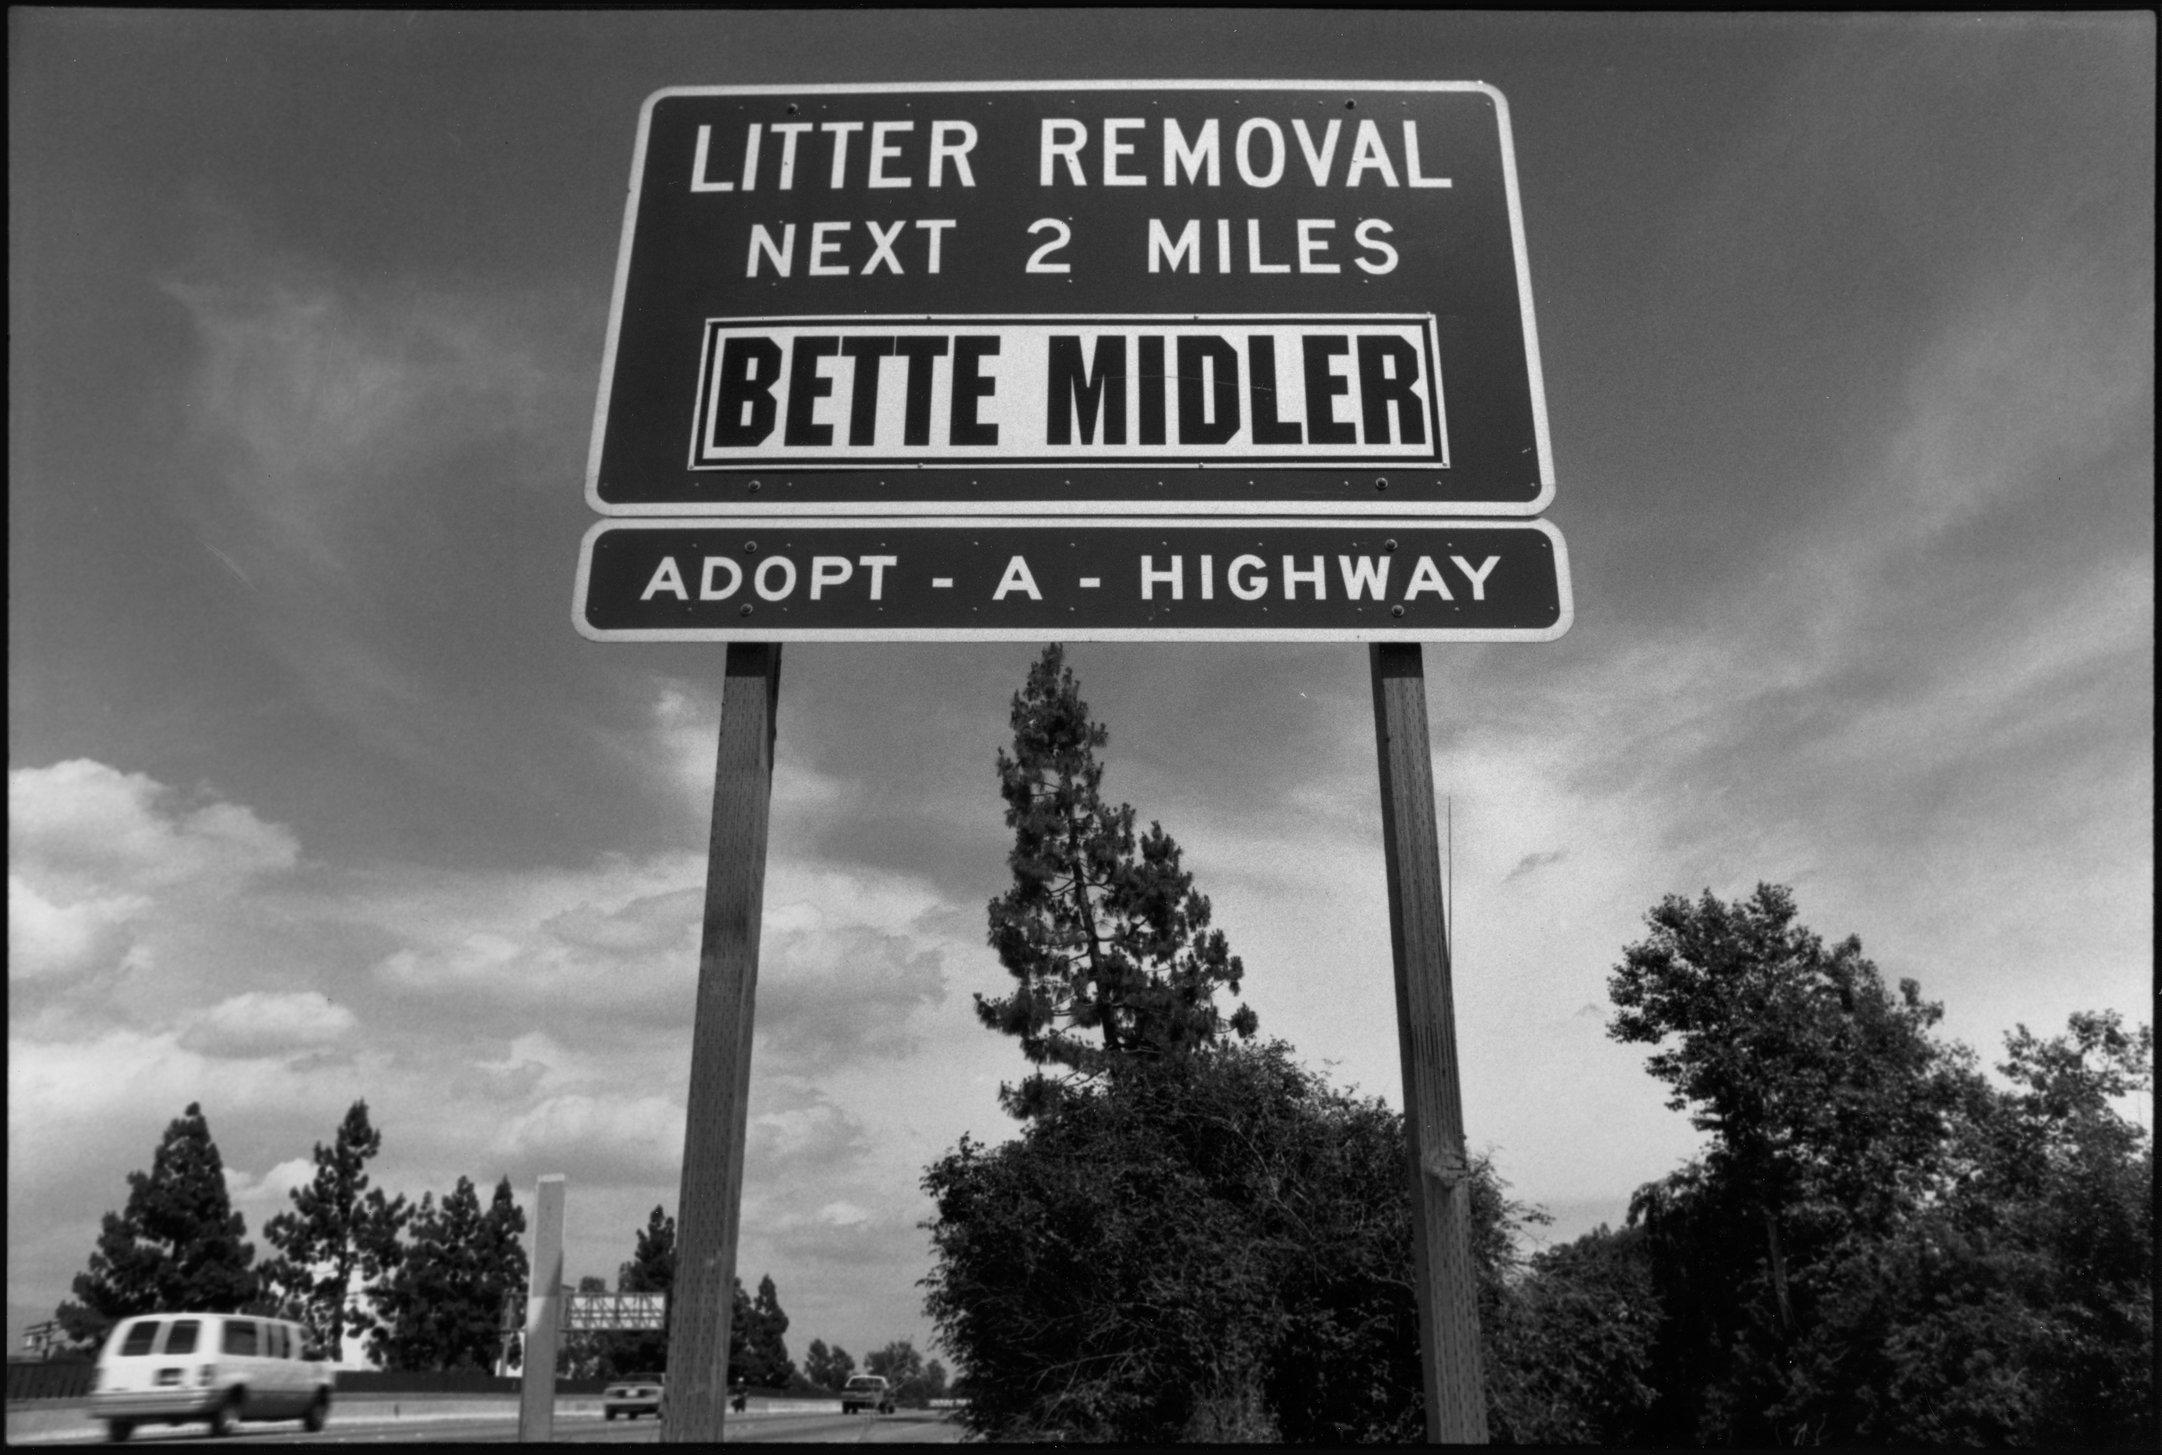 Bette Midler freeway sign highest-res flatbed scan.jpg